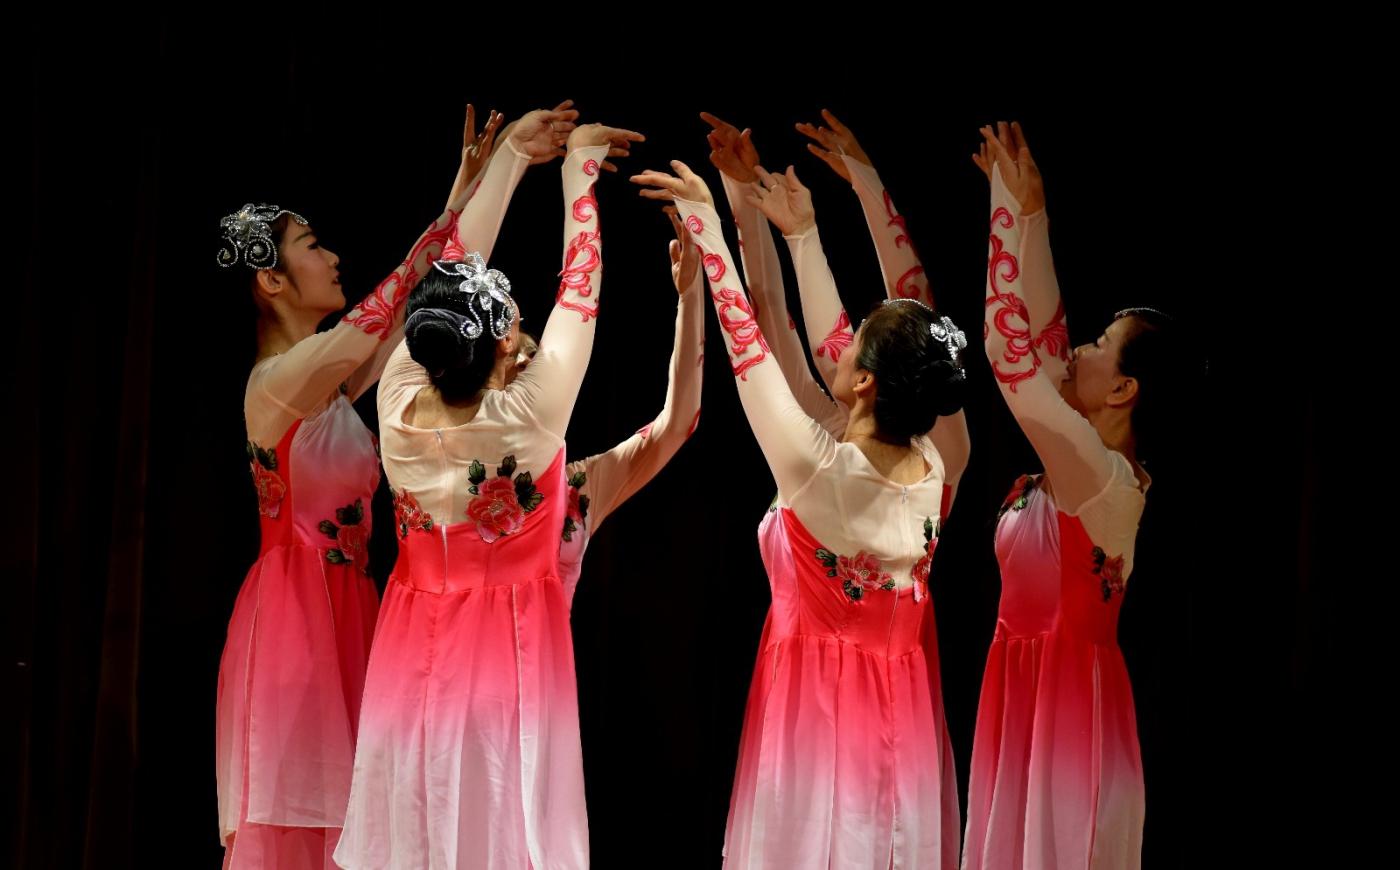 中国民歌集粹音乐会 (1)_图1-14